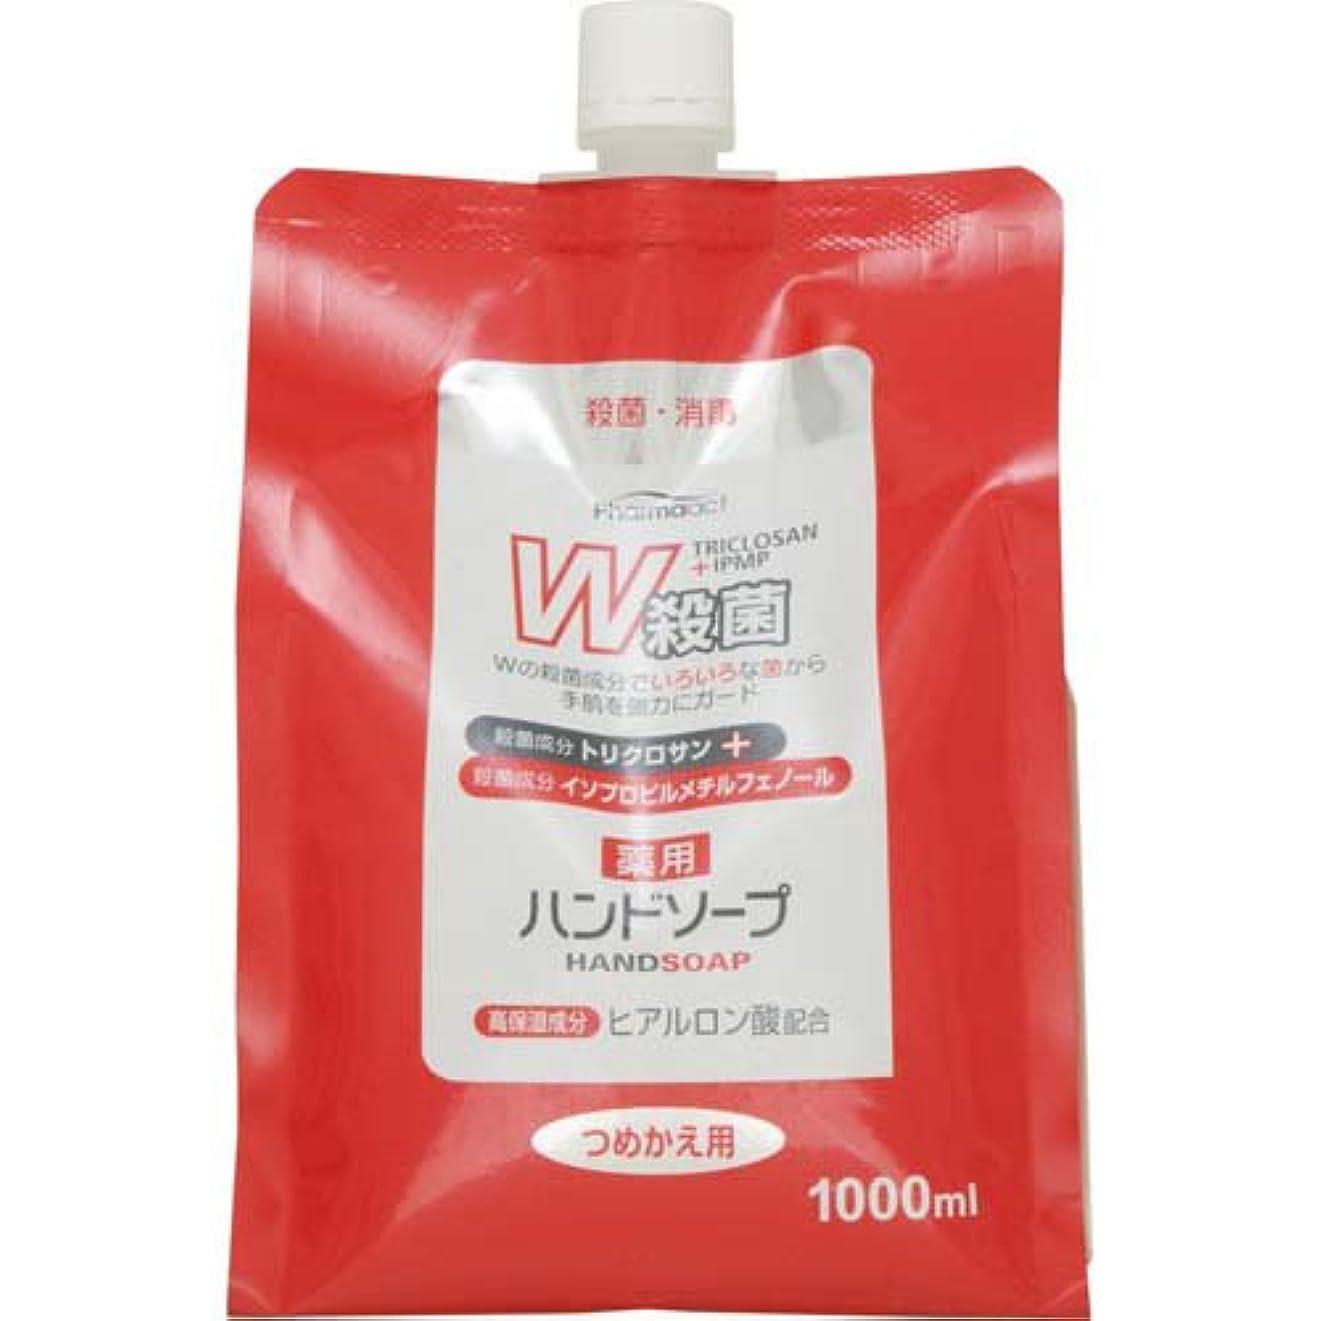 アヒル証明するサンプルファーマアクト W殺菌薬用ハンドソープ スパウト付き詰替 1000ml